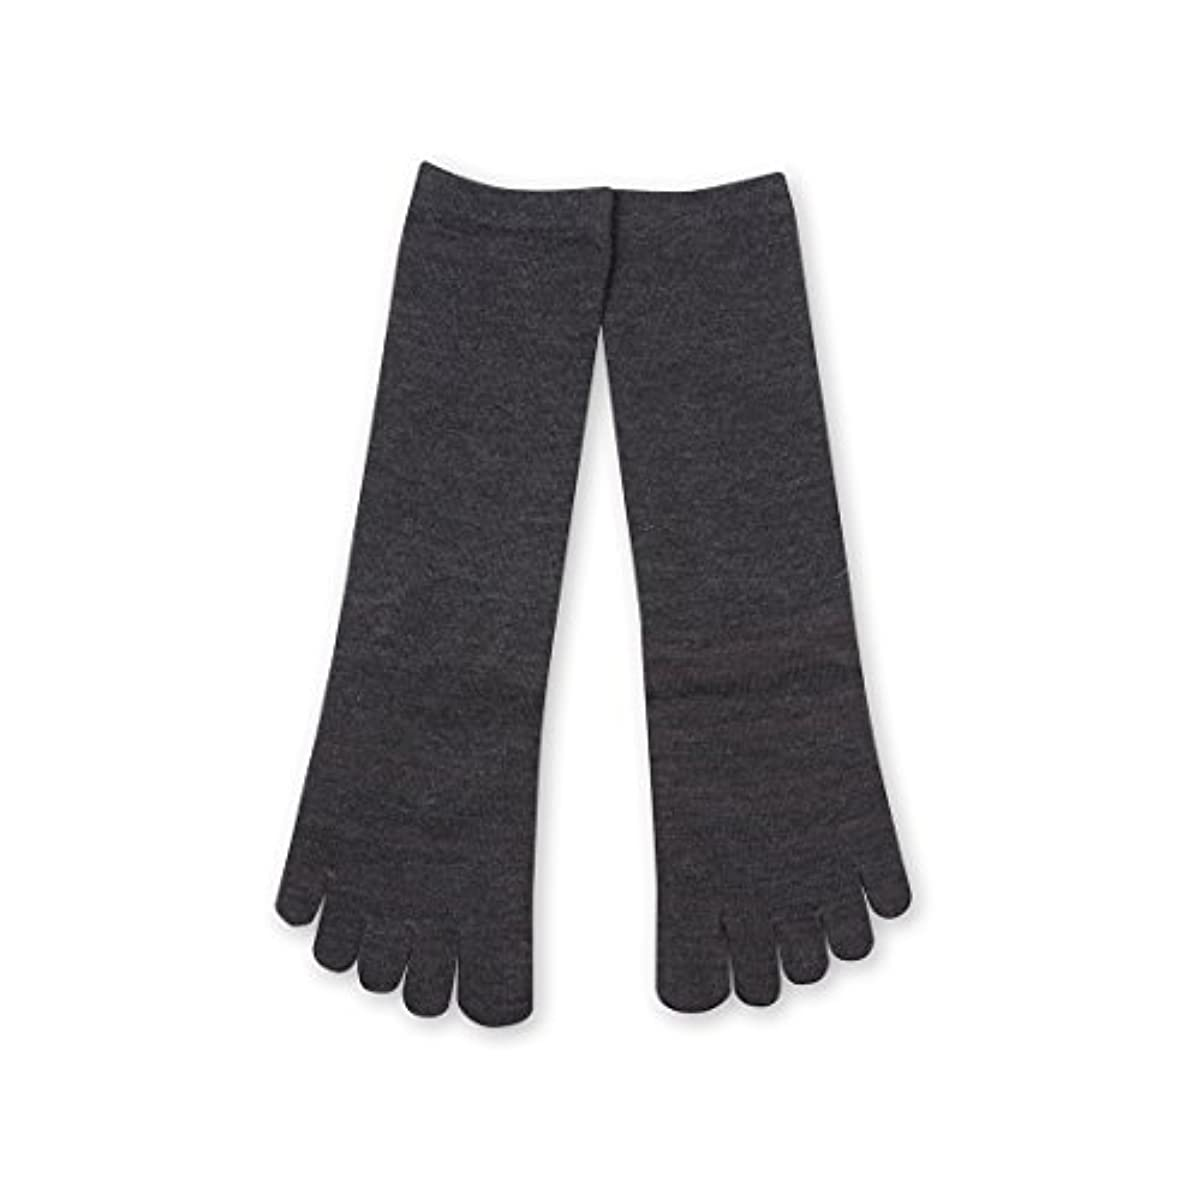 脚本王室案件Deol(デオル) 5本指 ソックス 女性用 靴下 23~25cm グレー